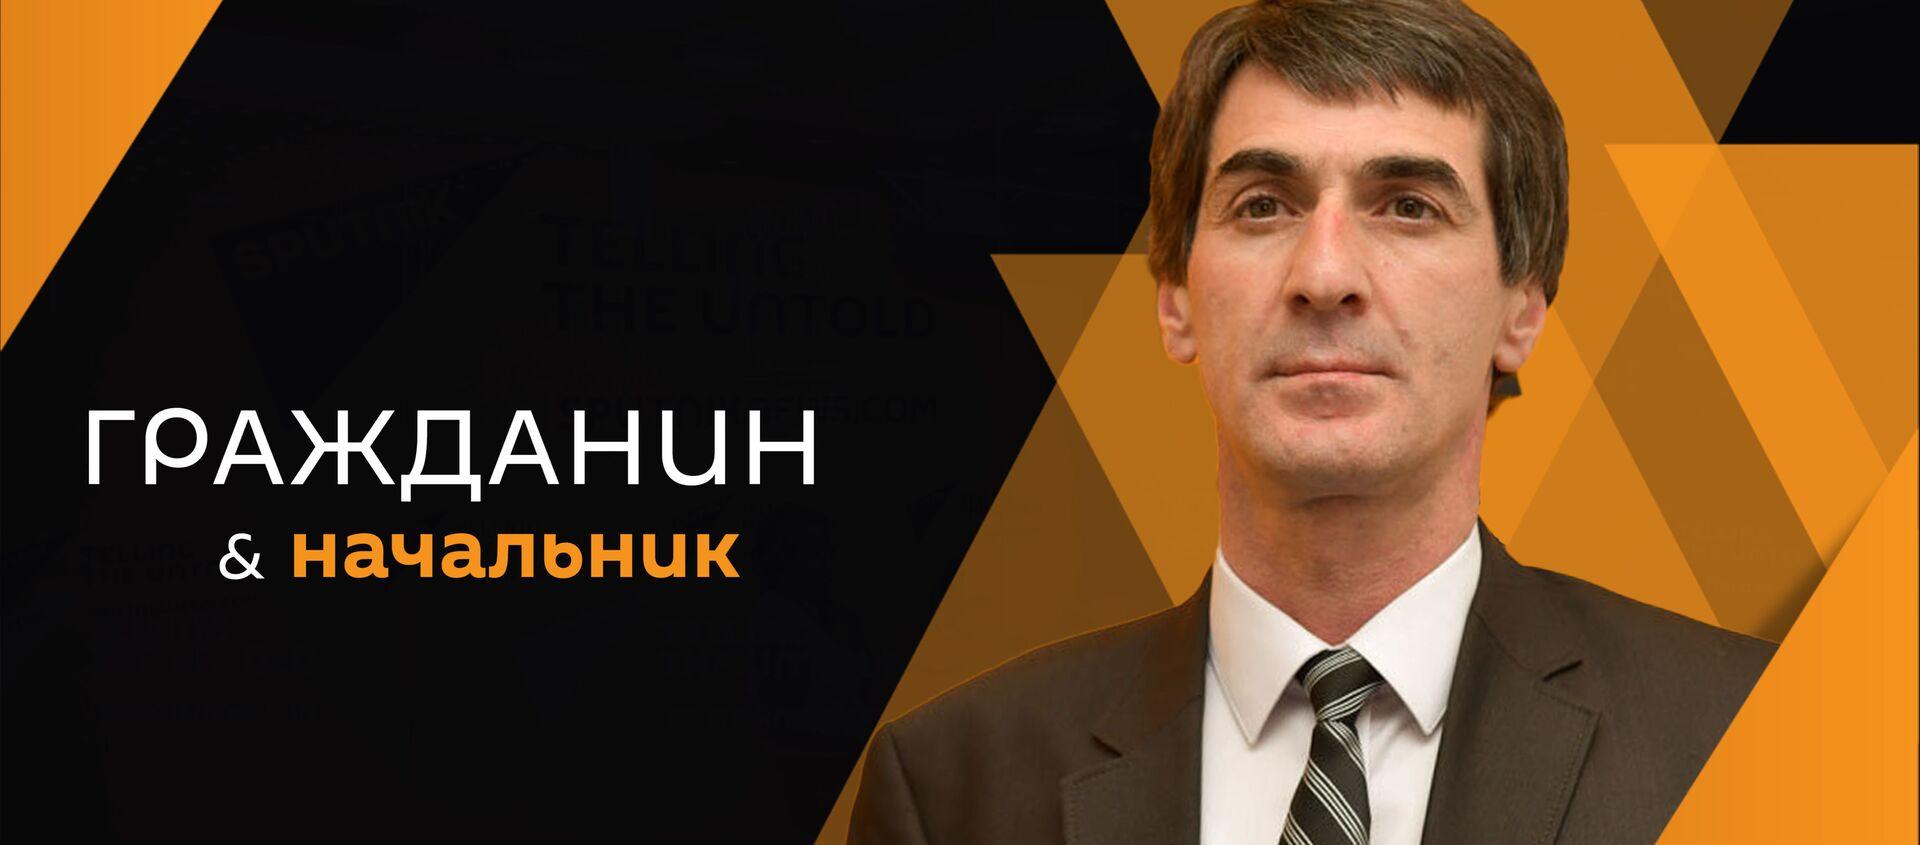 Константин Пилия  - Sputnik Абхазия, 1920, 21.07.2021